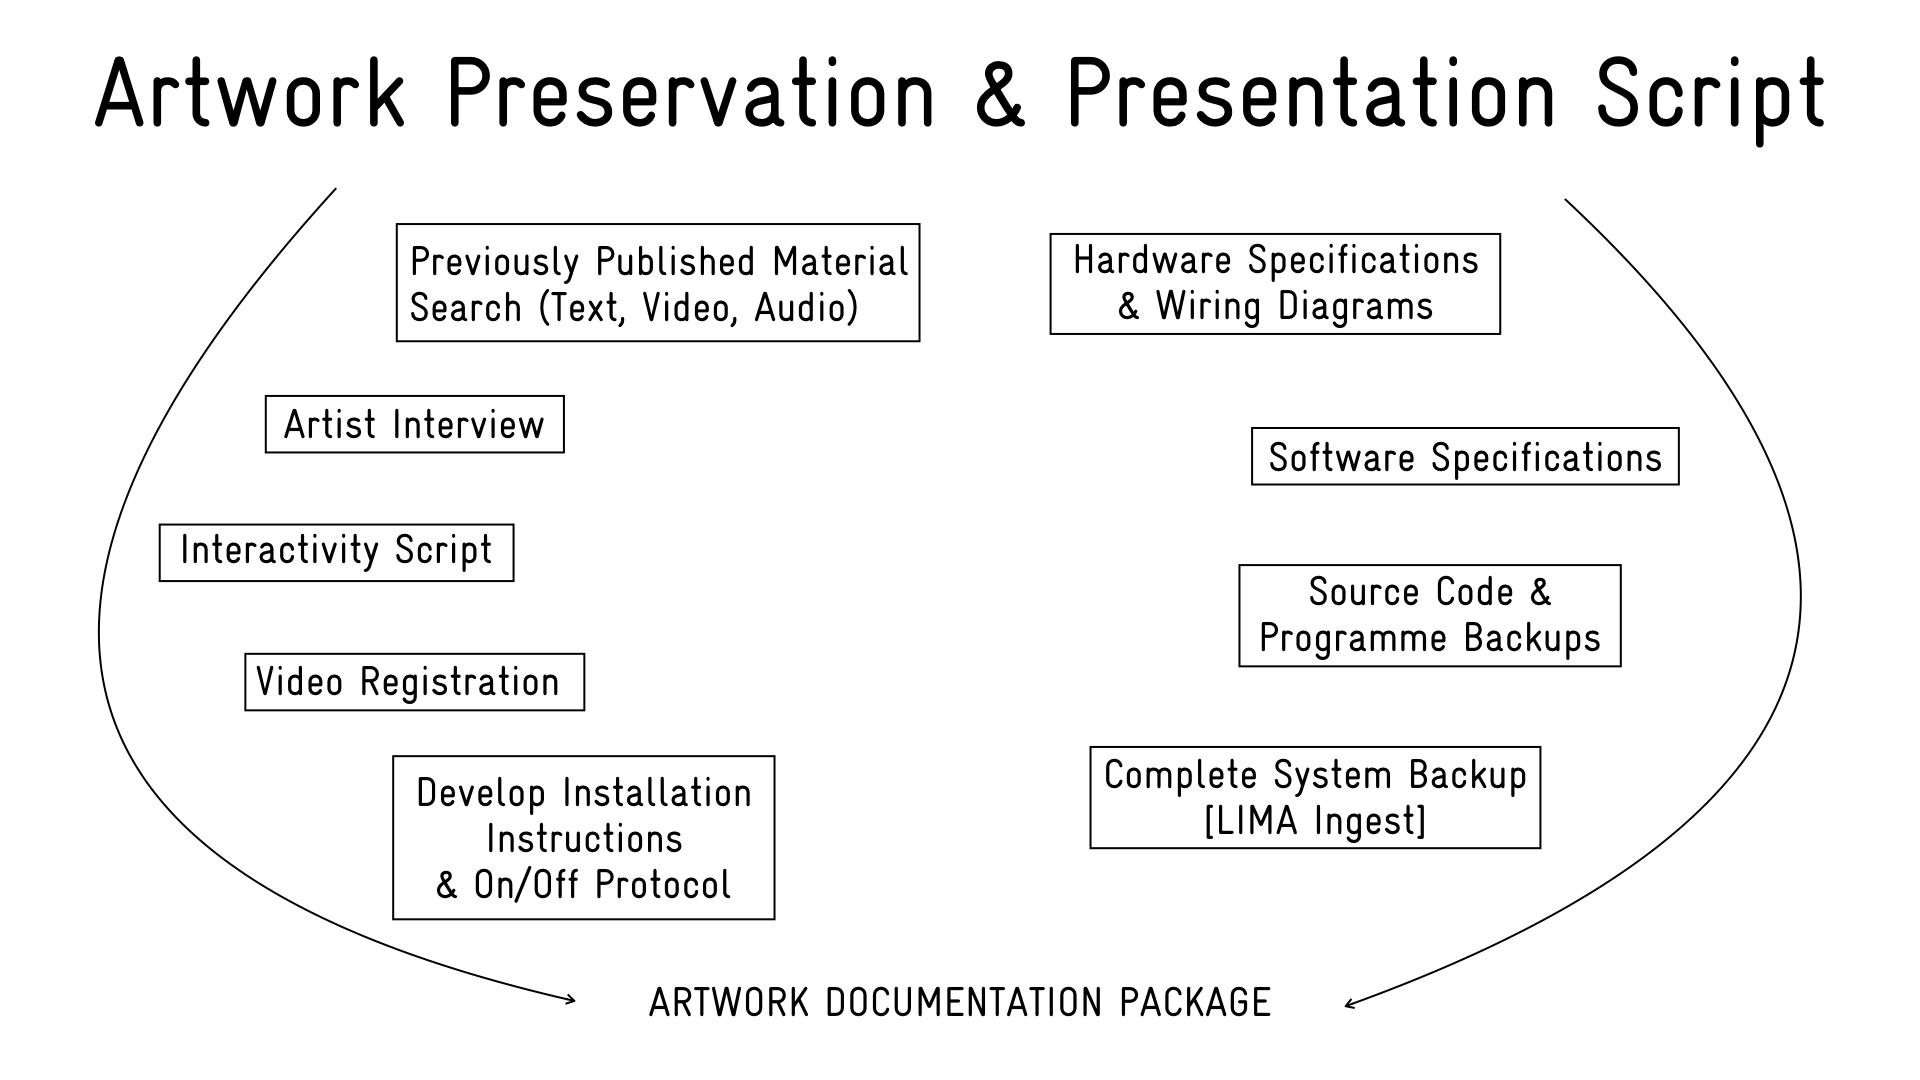 LIMA, het internationale platform voor duurzame toegang tot mediakunst in Amsterdam, ontwikkelde de Artwork Documentation Tool. Met deze tool wil LIMA kunstenaars ondersteunen bij de archivering van hun werk. De tool is geschikt voor alle kunstenaars die in actief zijn in het domein van digitale kunsten en is in het bijzonder bedoeld voor wie complexe, softwaregestuurde installaties bouwt. De tool is gratis beschikbaar via de website van LIMA: http://li-ma.nl/adt